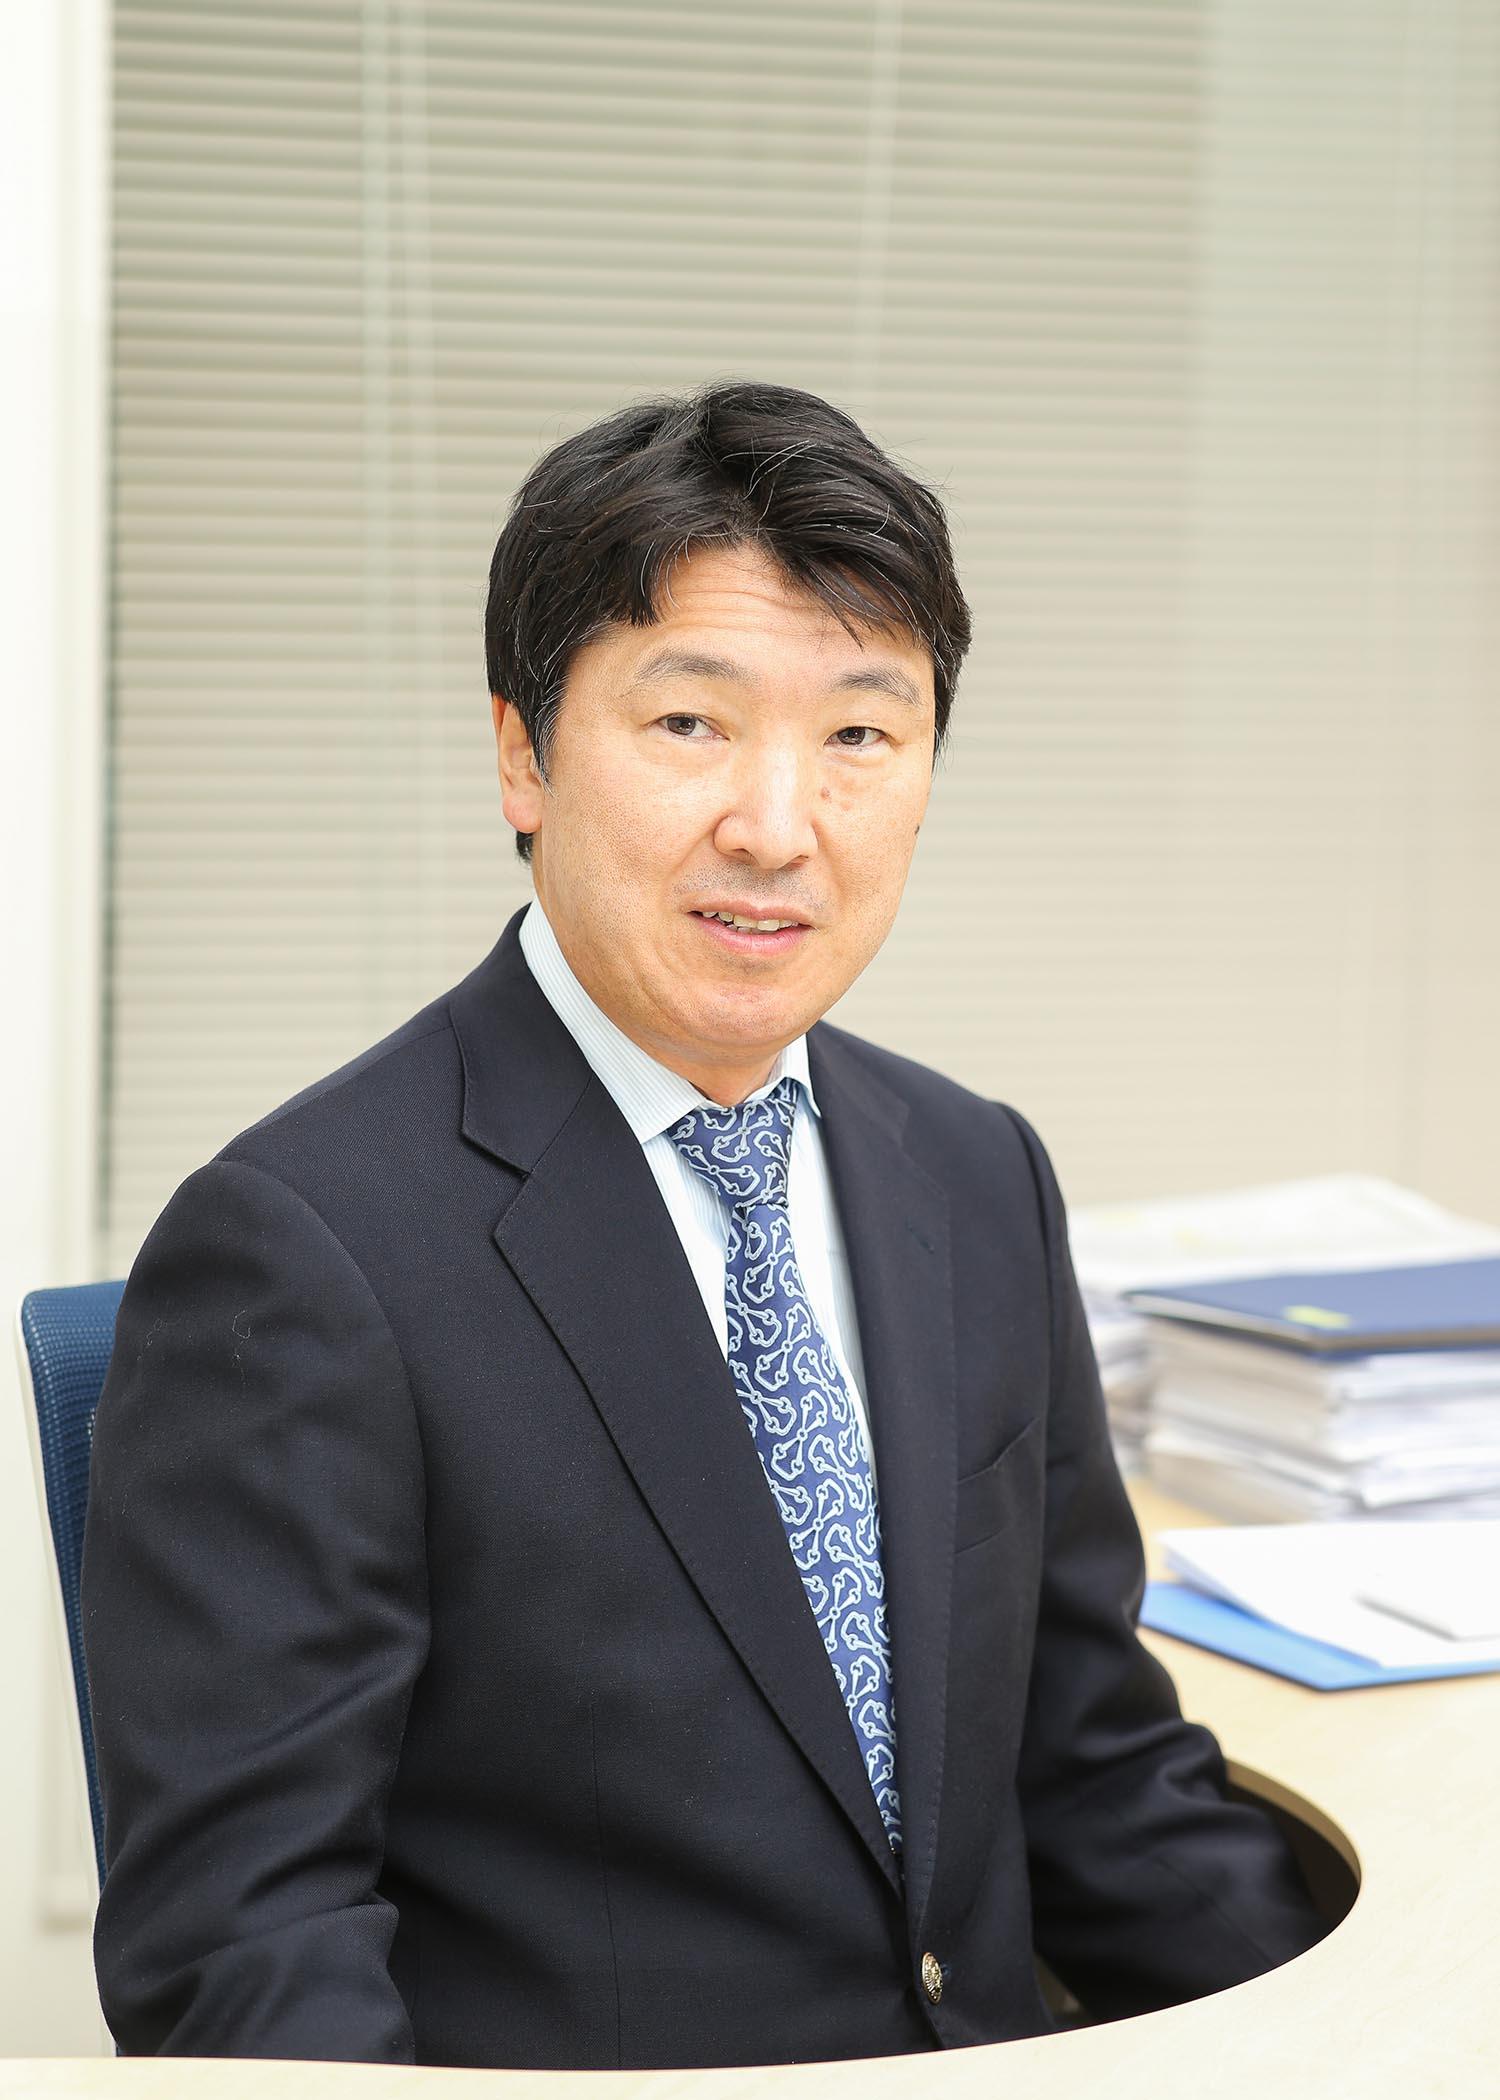 経営企画部 部長 召田王男